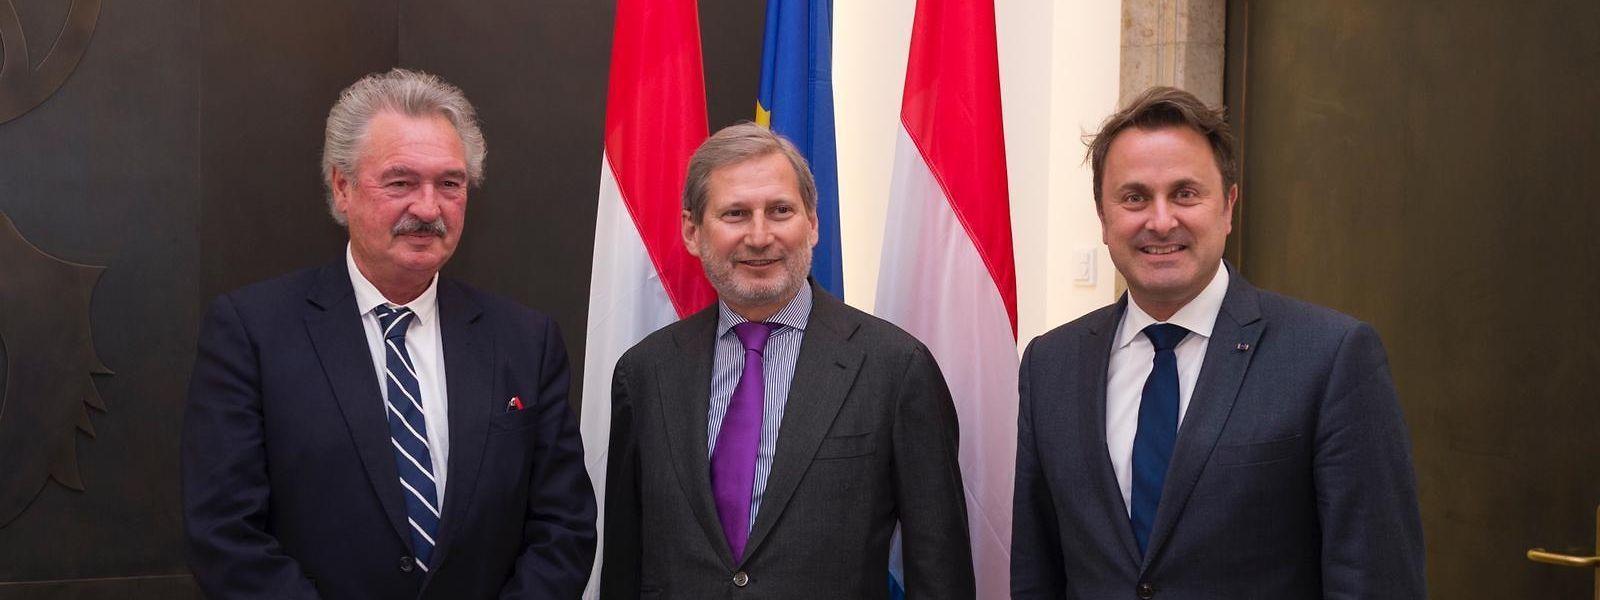 Johannes Hahn a entendu la position luxembourgeoise sur sa contribution au budget de l'UE.